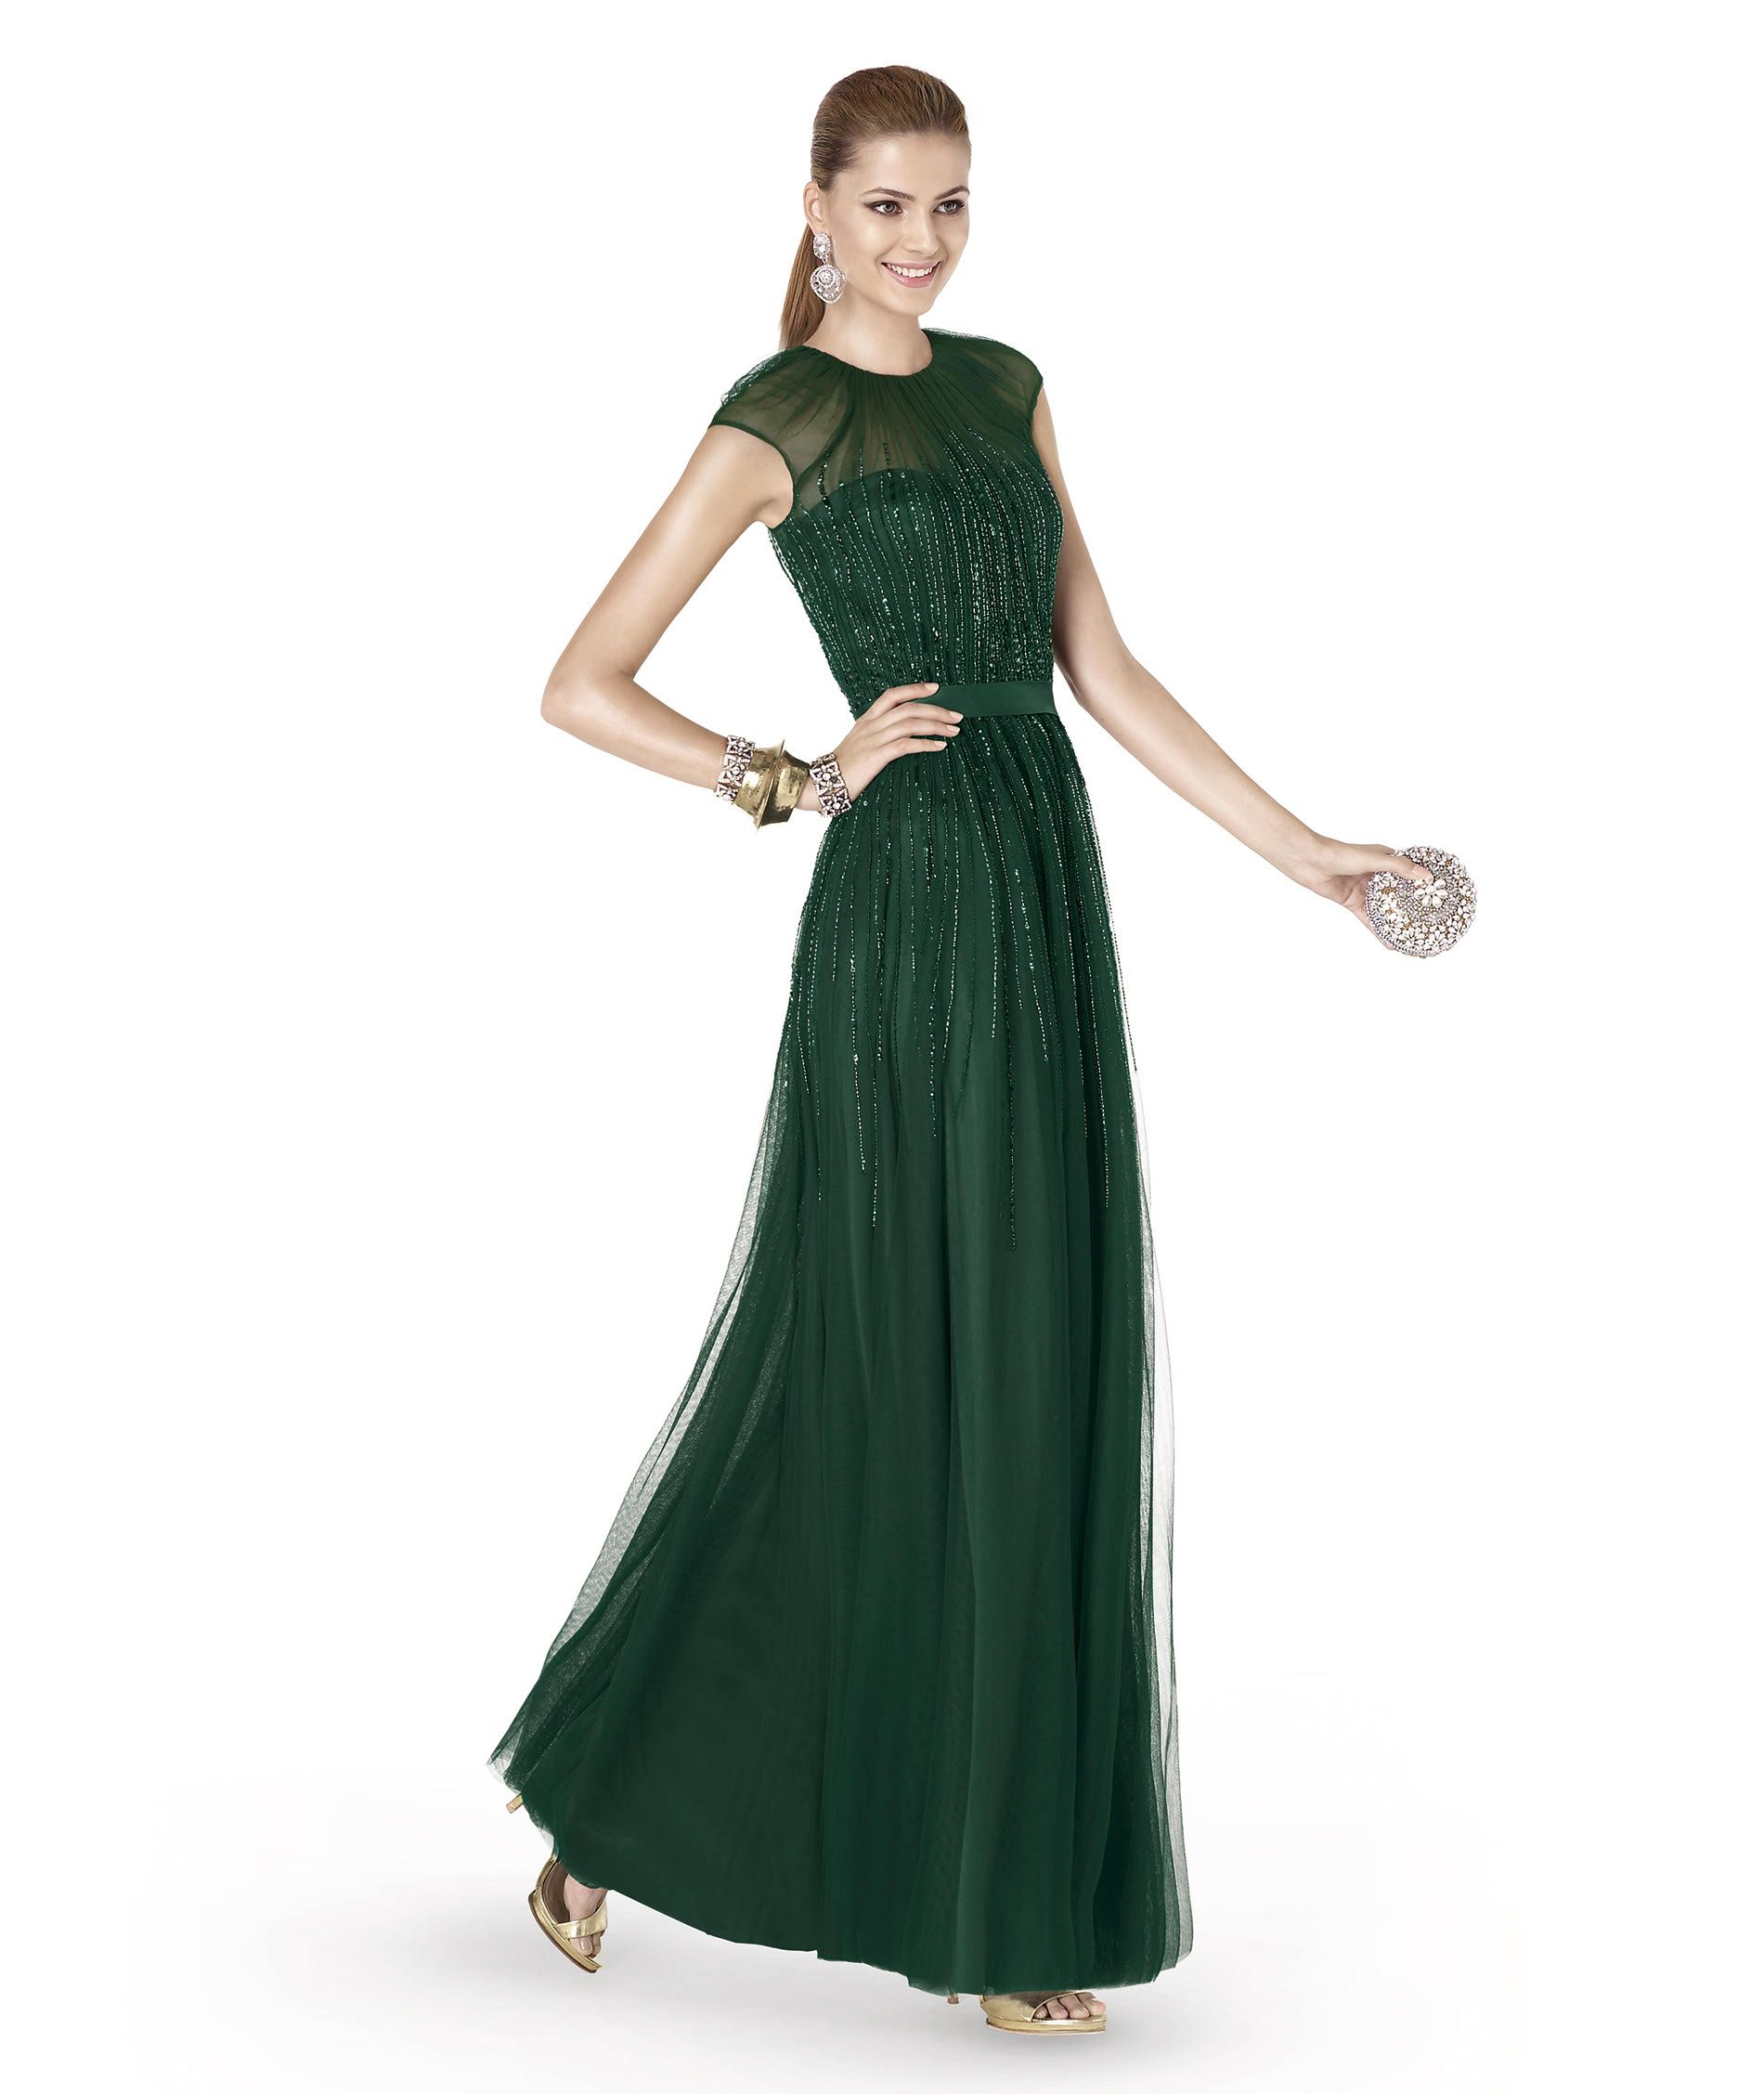 Vestidos fiesta pronovias verde